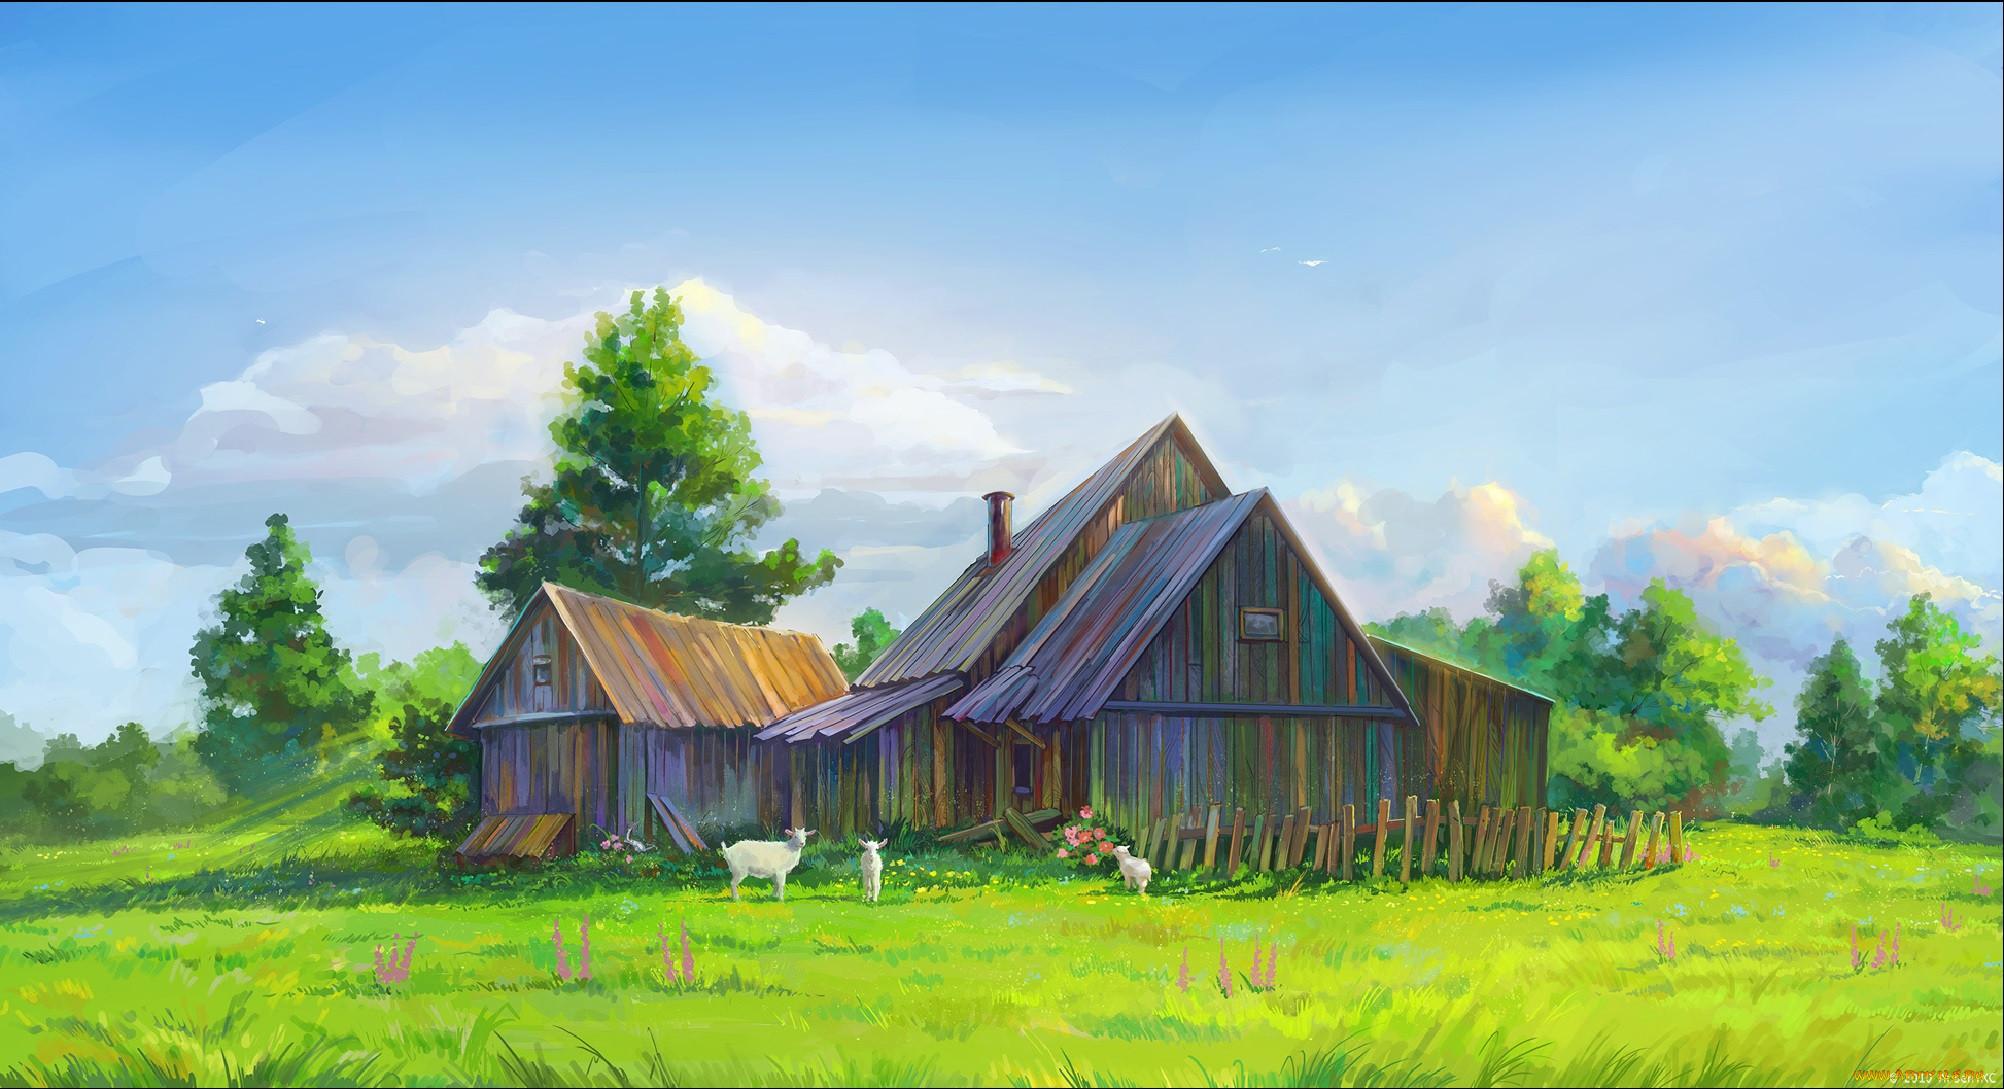 хотели картинки домика в деревне на заднем плане студент